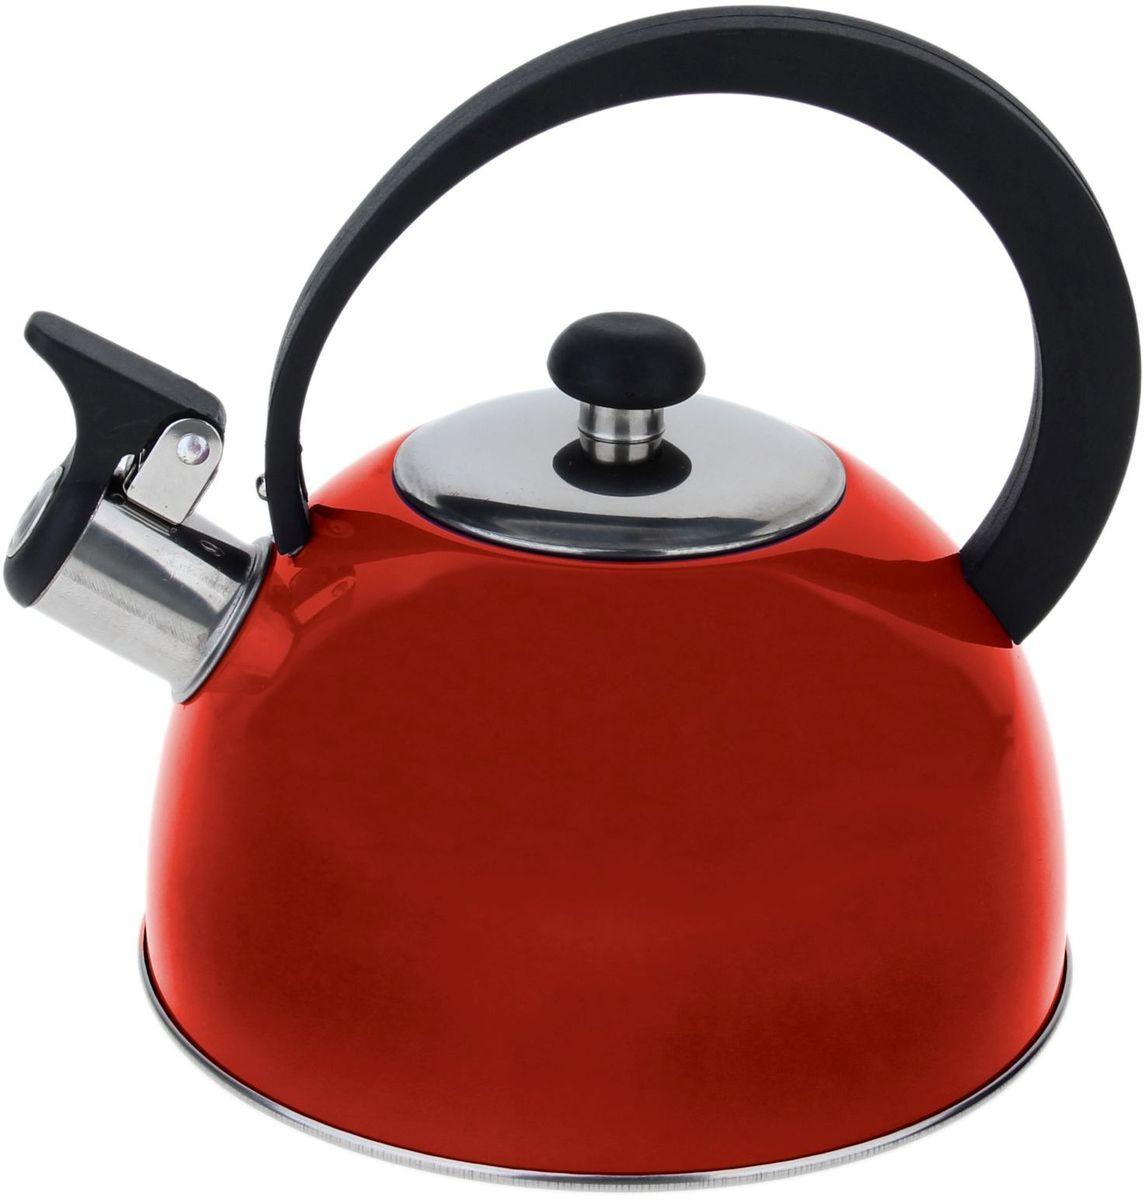 Чайник Доляна Радуга, со свистком, цвет: красный, 2,1 л863659Чайник Доляна Радуга выполнен из высококачественной нержавеющей стали. Материал изделия отличается неприхотливостью в уходе, безукоризненной функциональностью, гигиеничностью и стойкостью к коррозии. Чайники из нержавеющей стали абсолютно безопасны для здоровья человека.Благодаря низкой теплопроводности и оптимальному соотношению дна и стенок вода дольше остается горячей, а качественное дно гарантирует быстрый нагрев. Чайник при кипячении сохраняет все полезные свойства воды.Чайник снабжен подвижной пластиковой ручкой. Удобная ручка не нагревается, и поэтому вероятность ожогов сводится к минимуму. Откидной свисток на носике чайника громко оповестит, когда закипела вода.Подходит для газовых, электрических, стеклокерамических, галогеновых, индукционных плит. Рекомендуется ручная мойка.